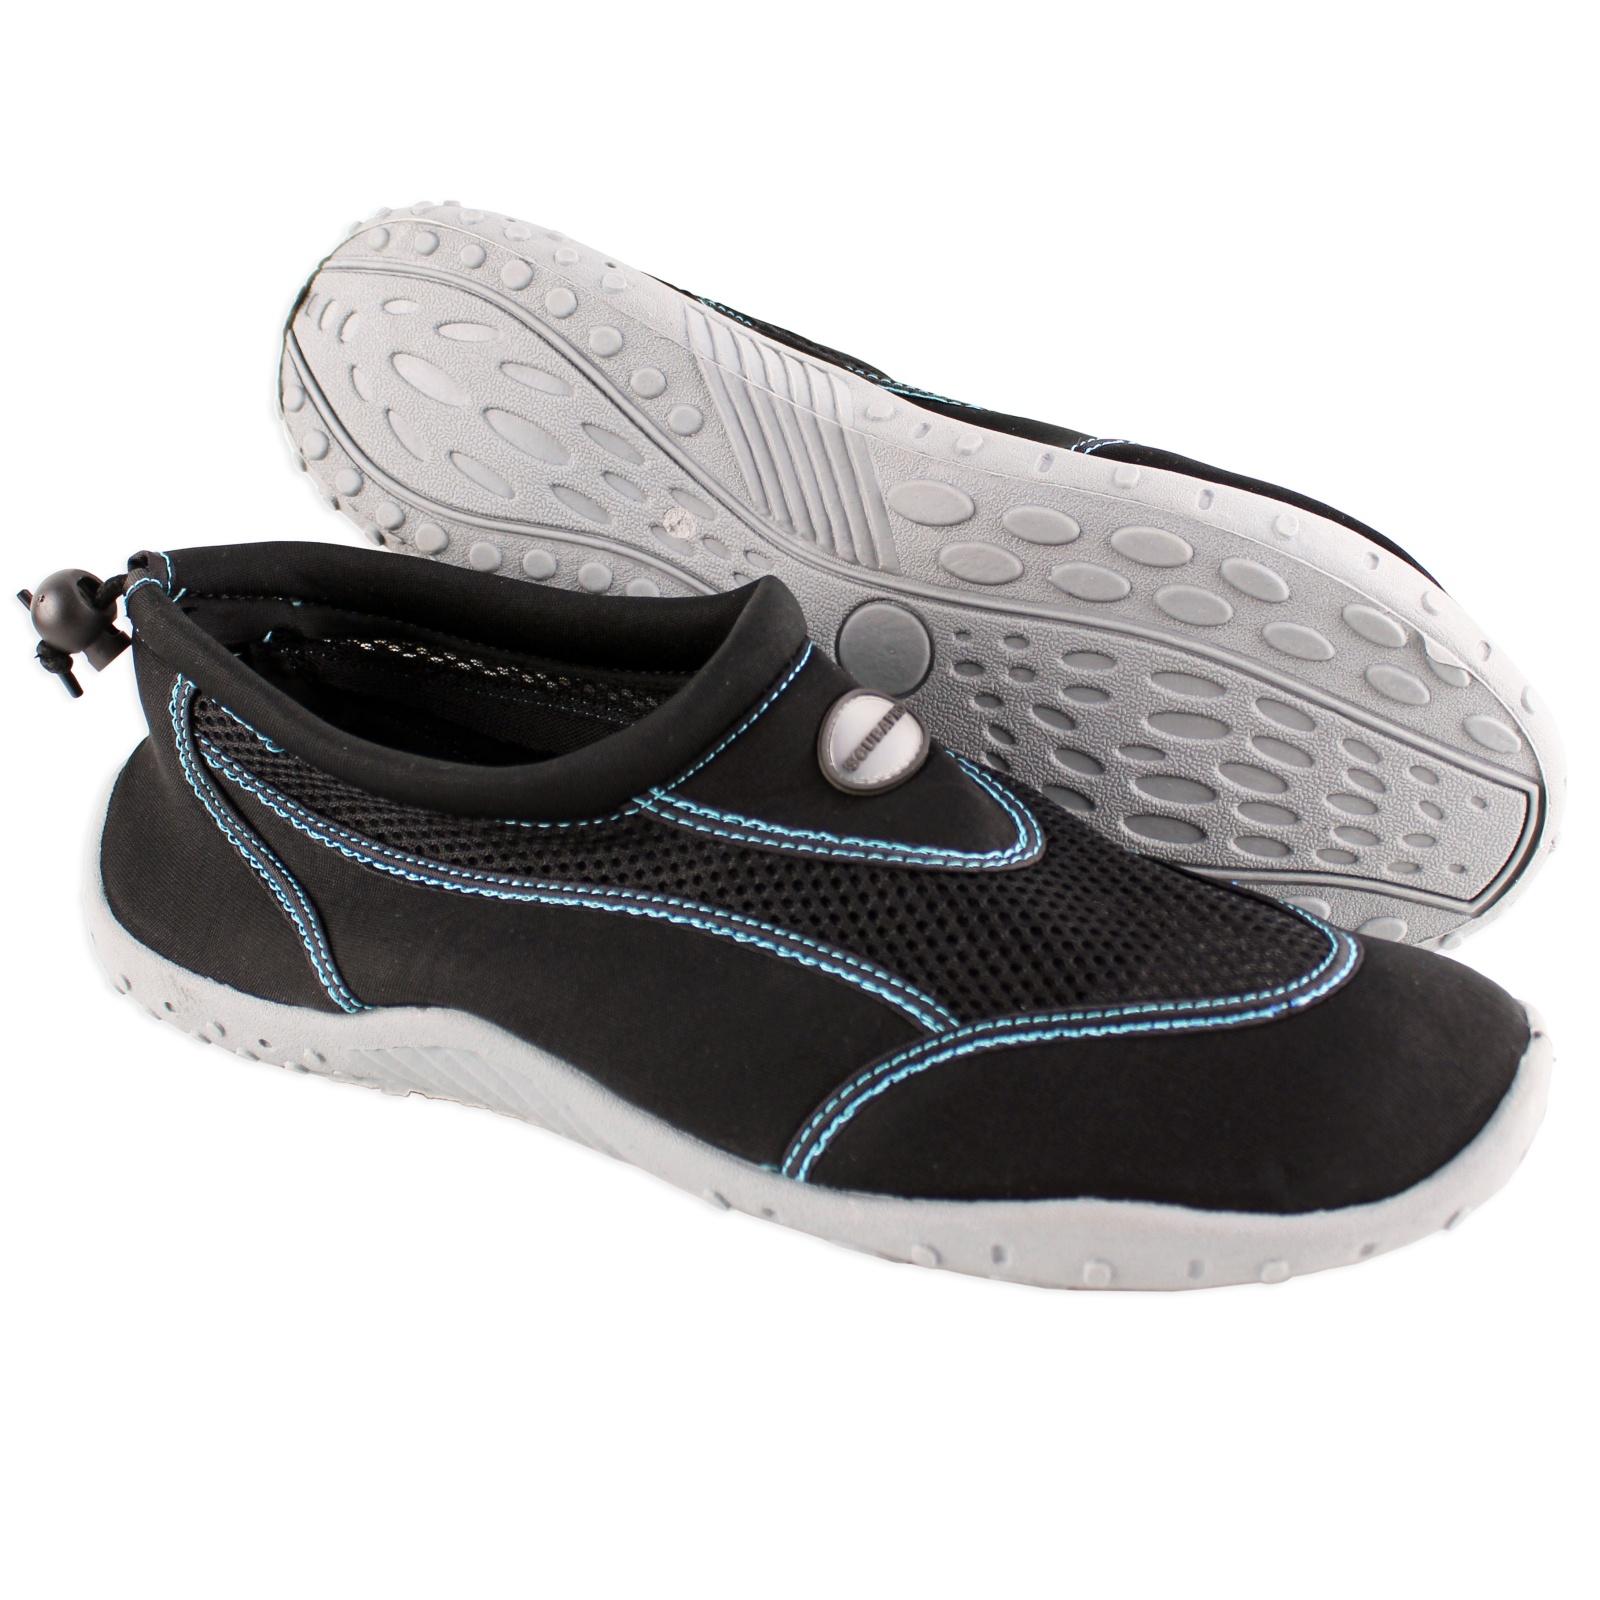 Neoprenové topánky SCUBAPRO Kailua - veľ. 39